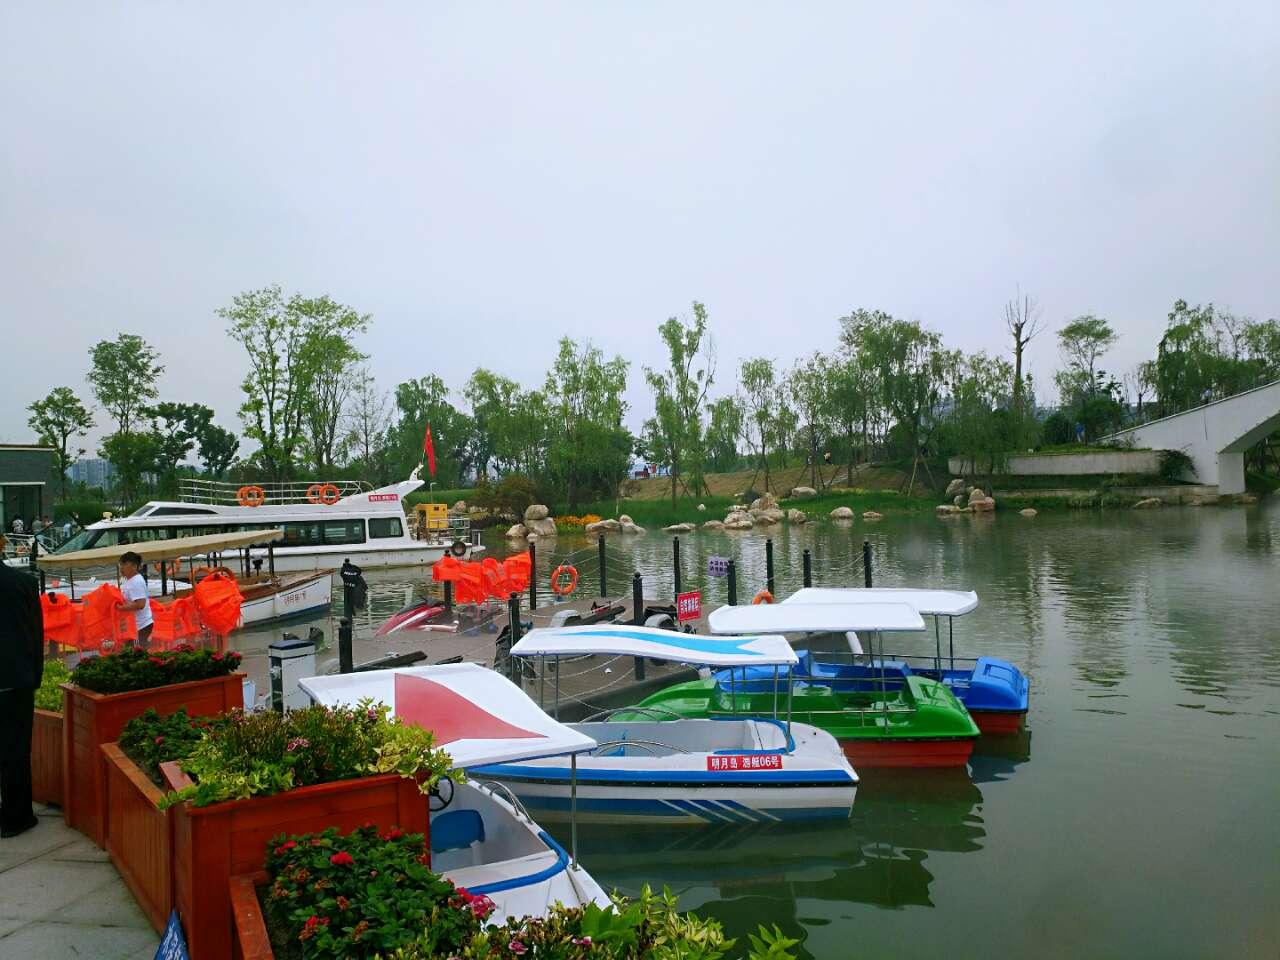 明月岛公园游记 - 江油论坛,因你更精彩!